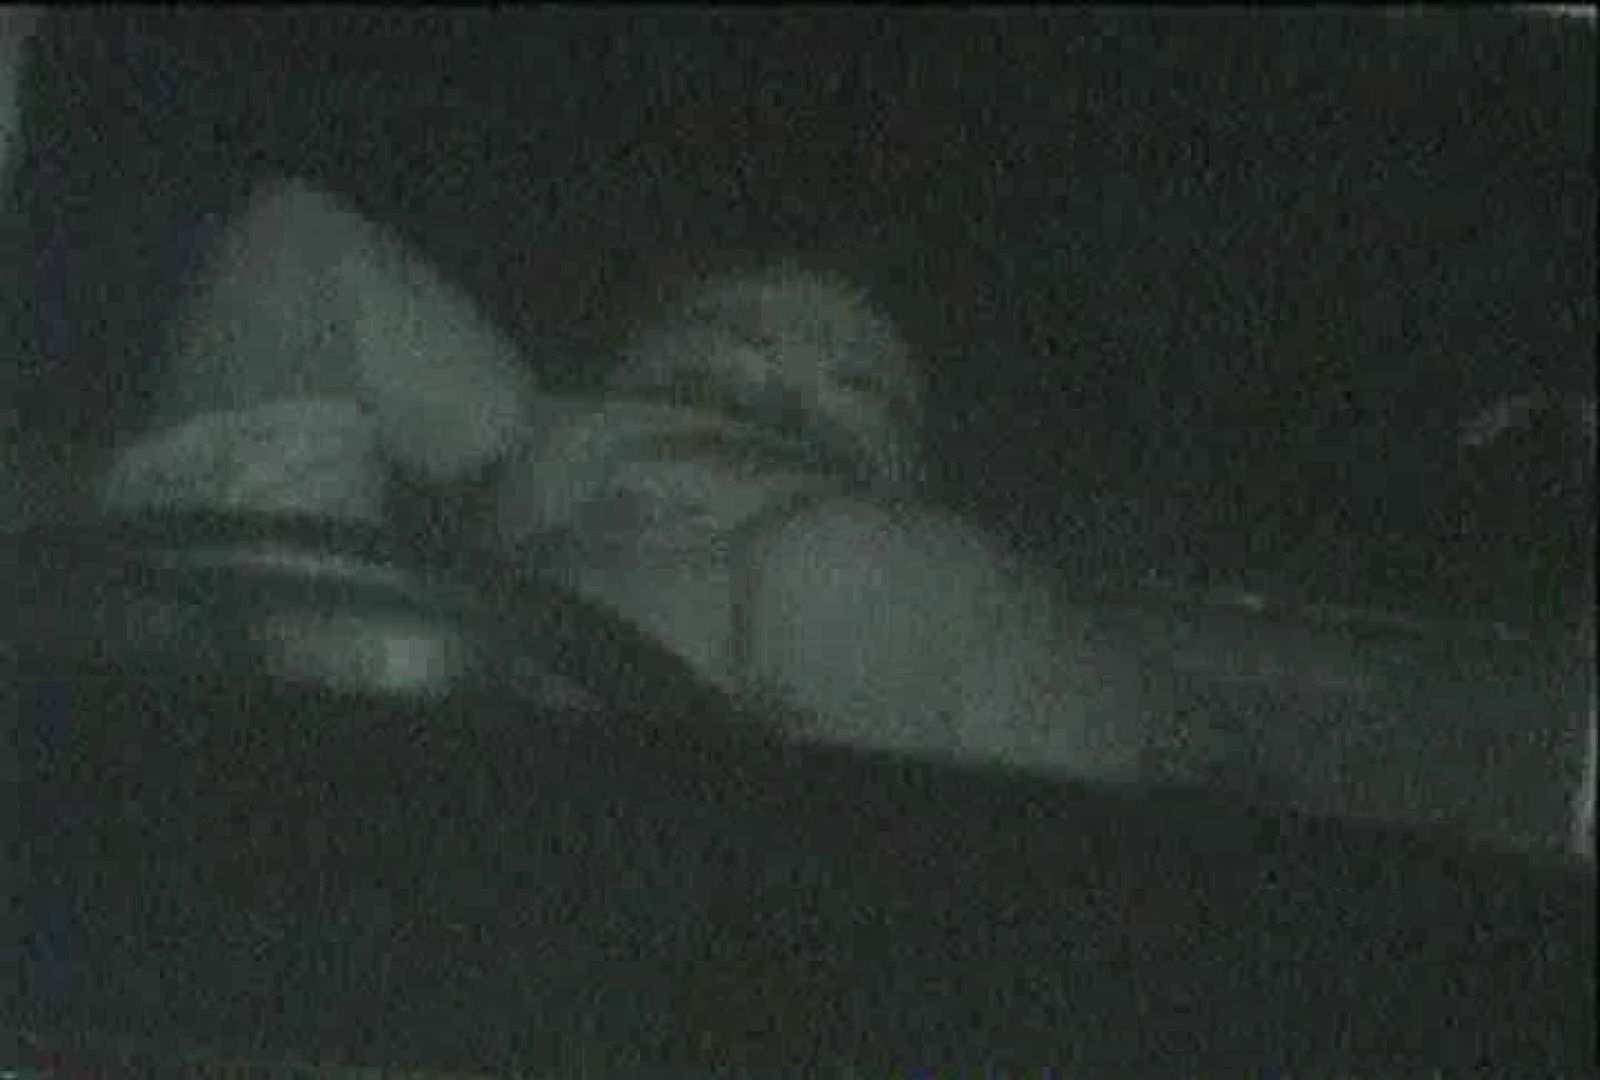 充血監督の深夜の運動会Vol.79 おまんこ | 美しいOLの裸体  91pic 31